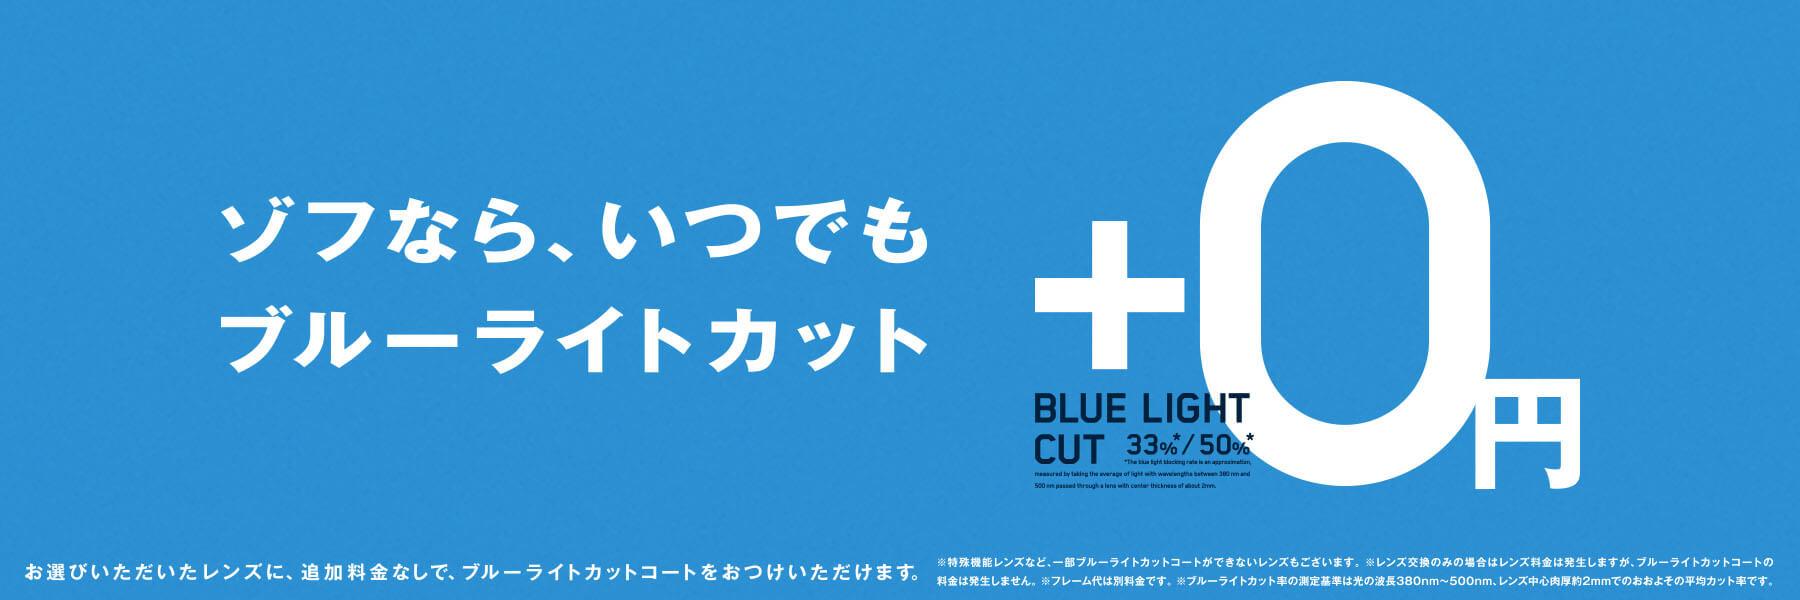 ブルーライトカットが、標準装備!追加料金0円!